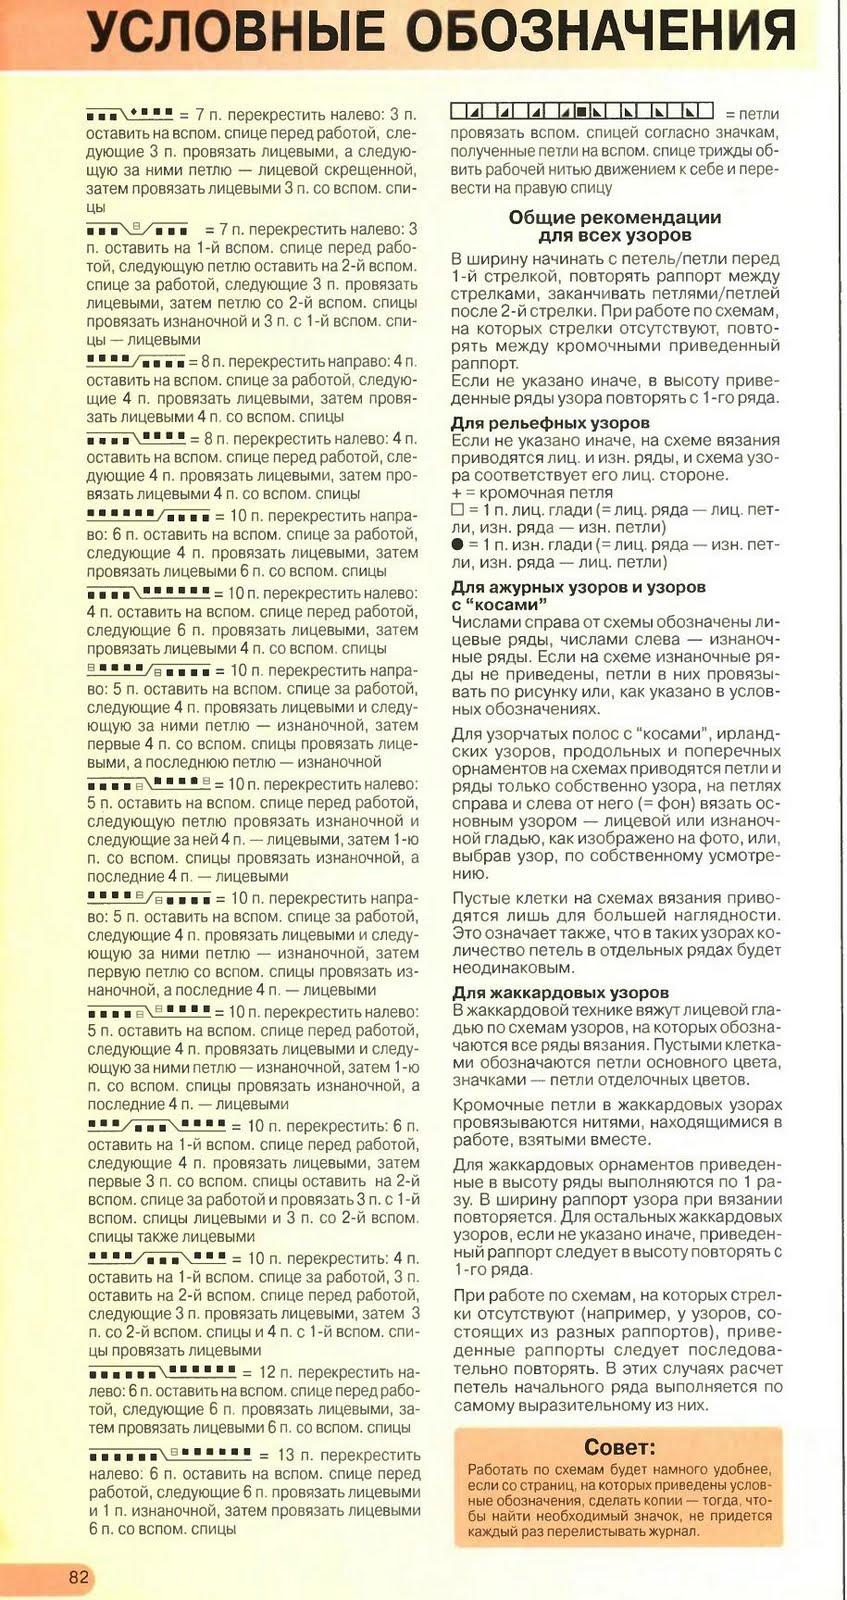 Обозначения в журналах по вязанию спицами 47